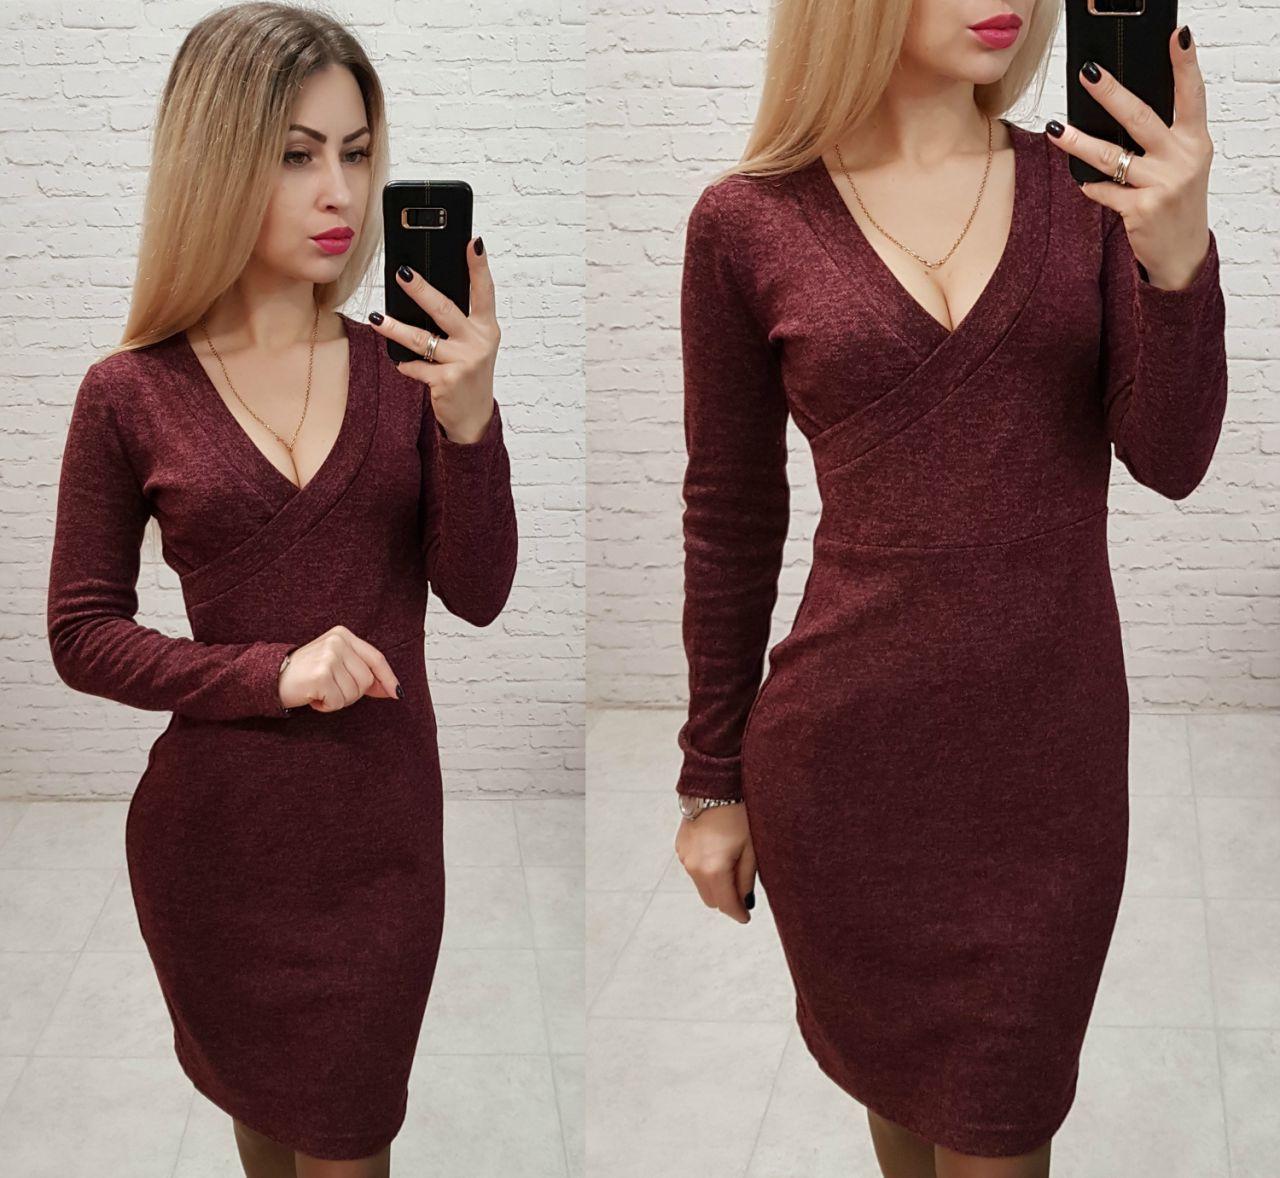 Платье вечернее, модель 802, ангора, в 2-х расцветках